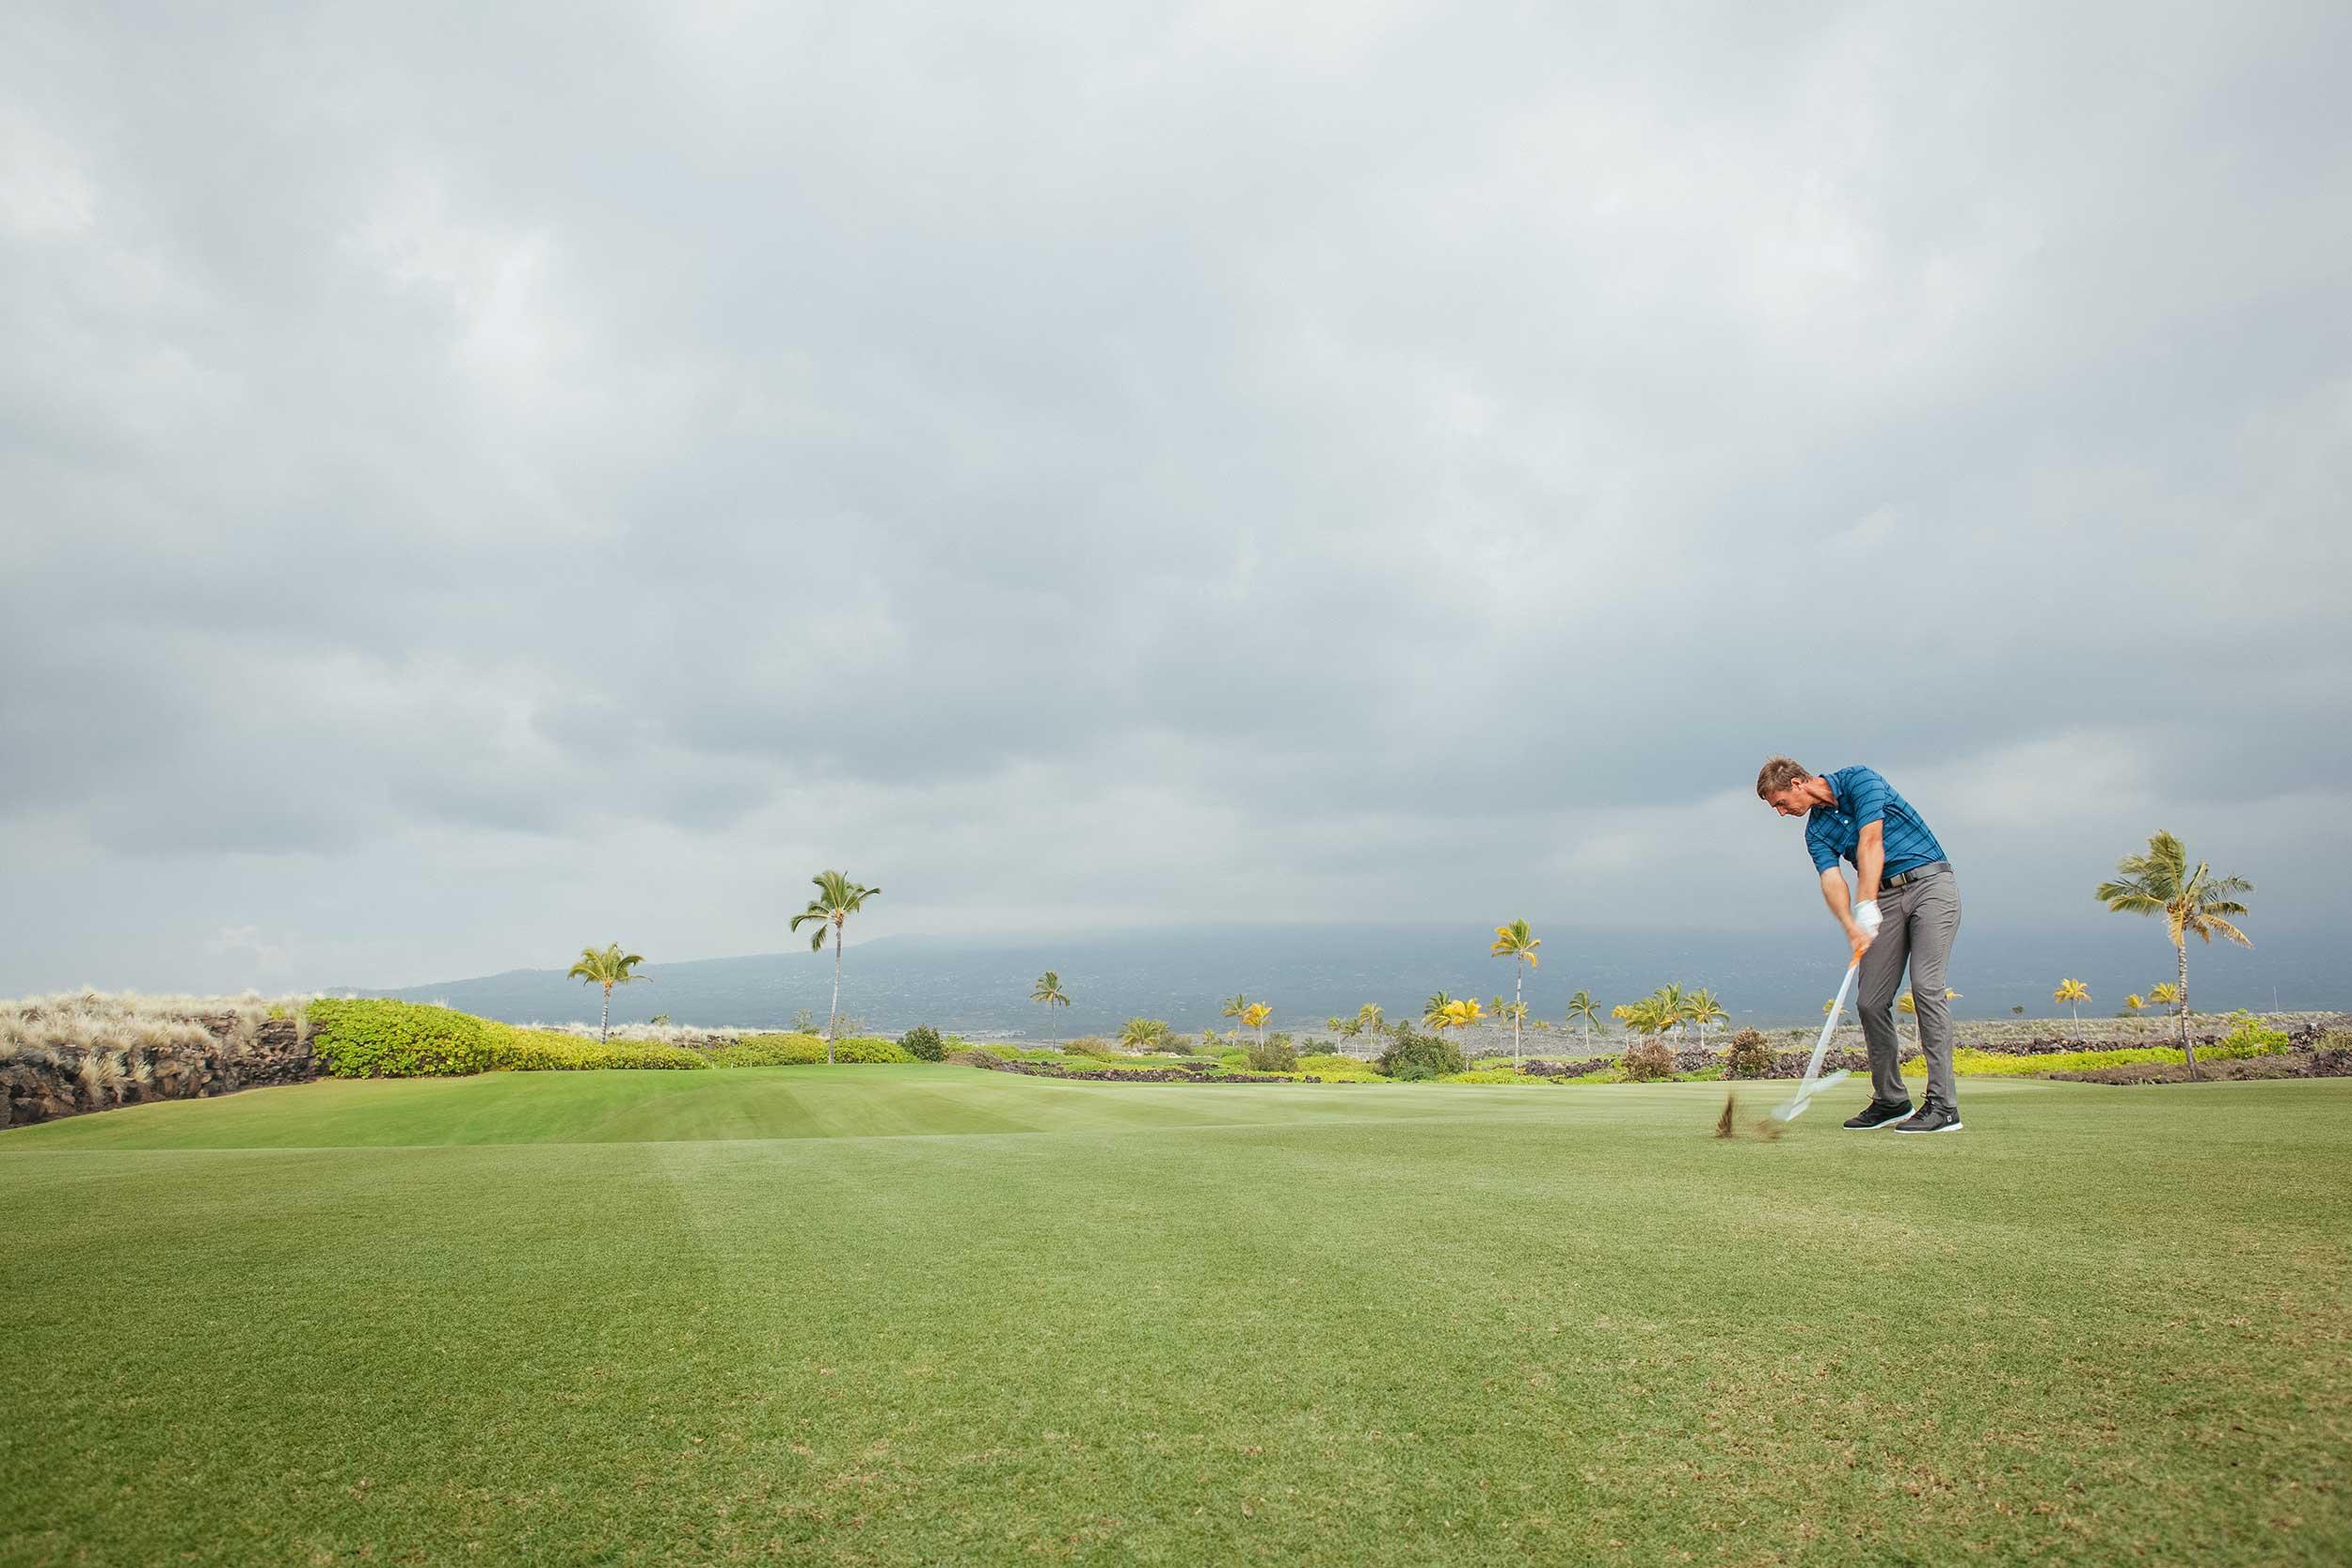 Dunning-Golf-Hawaii-10